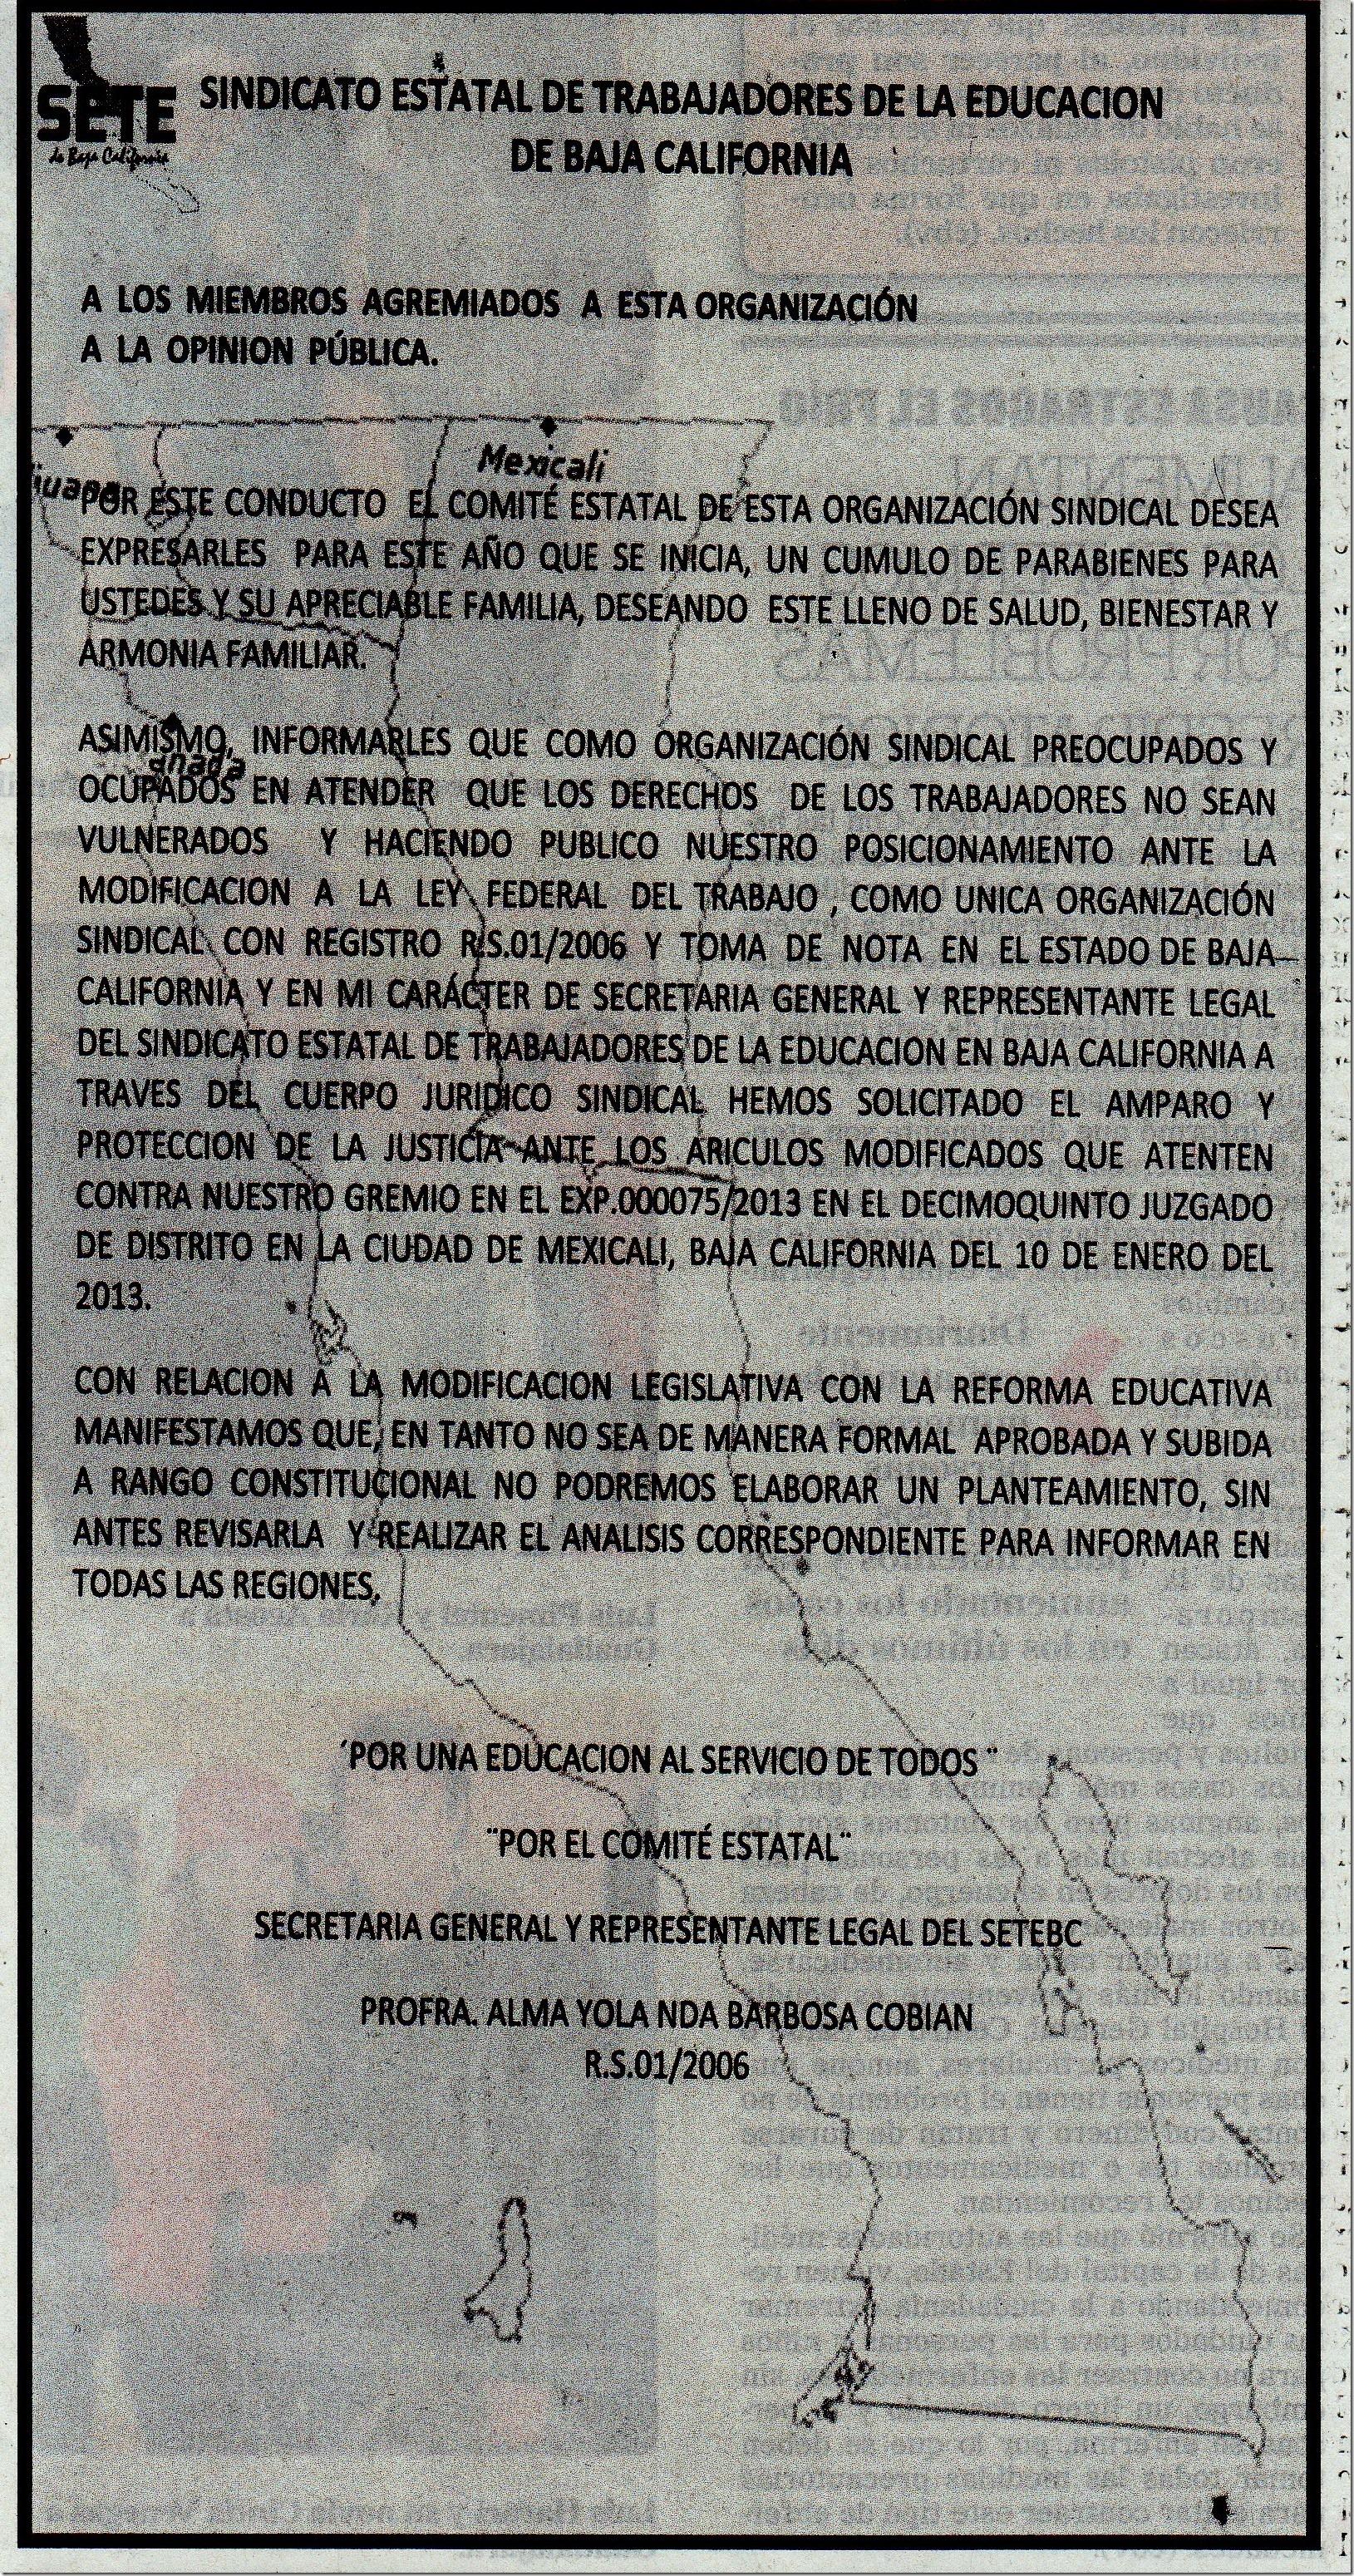 Setebc desplegado Amparo